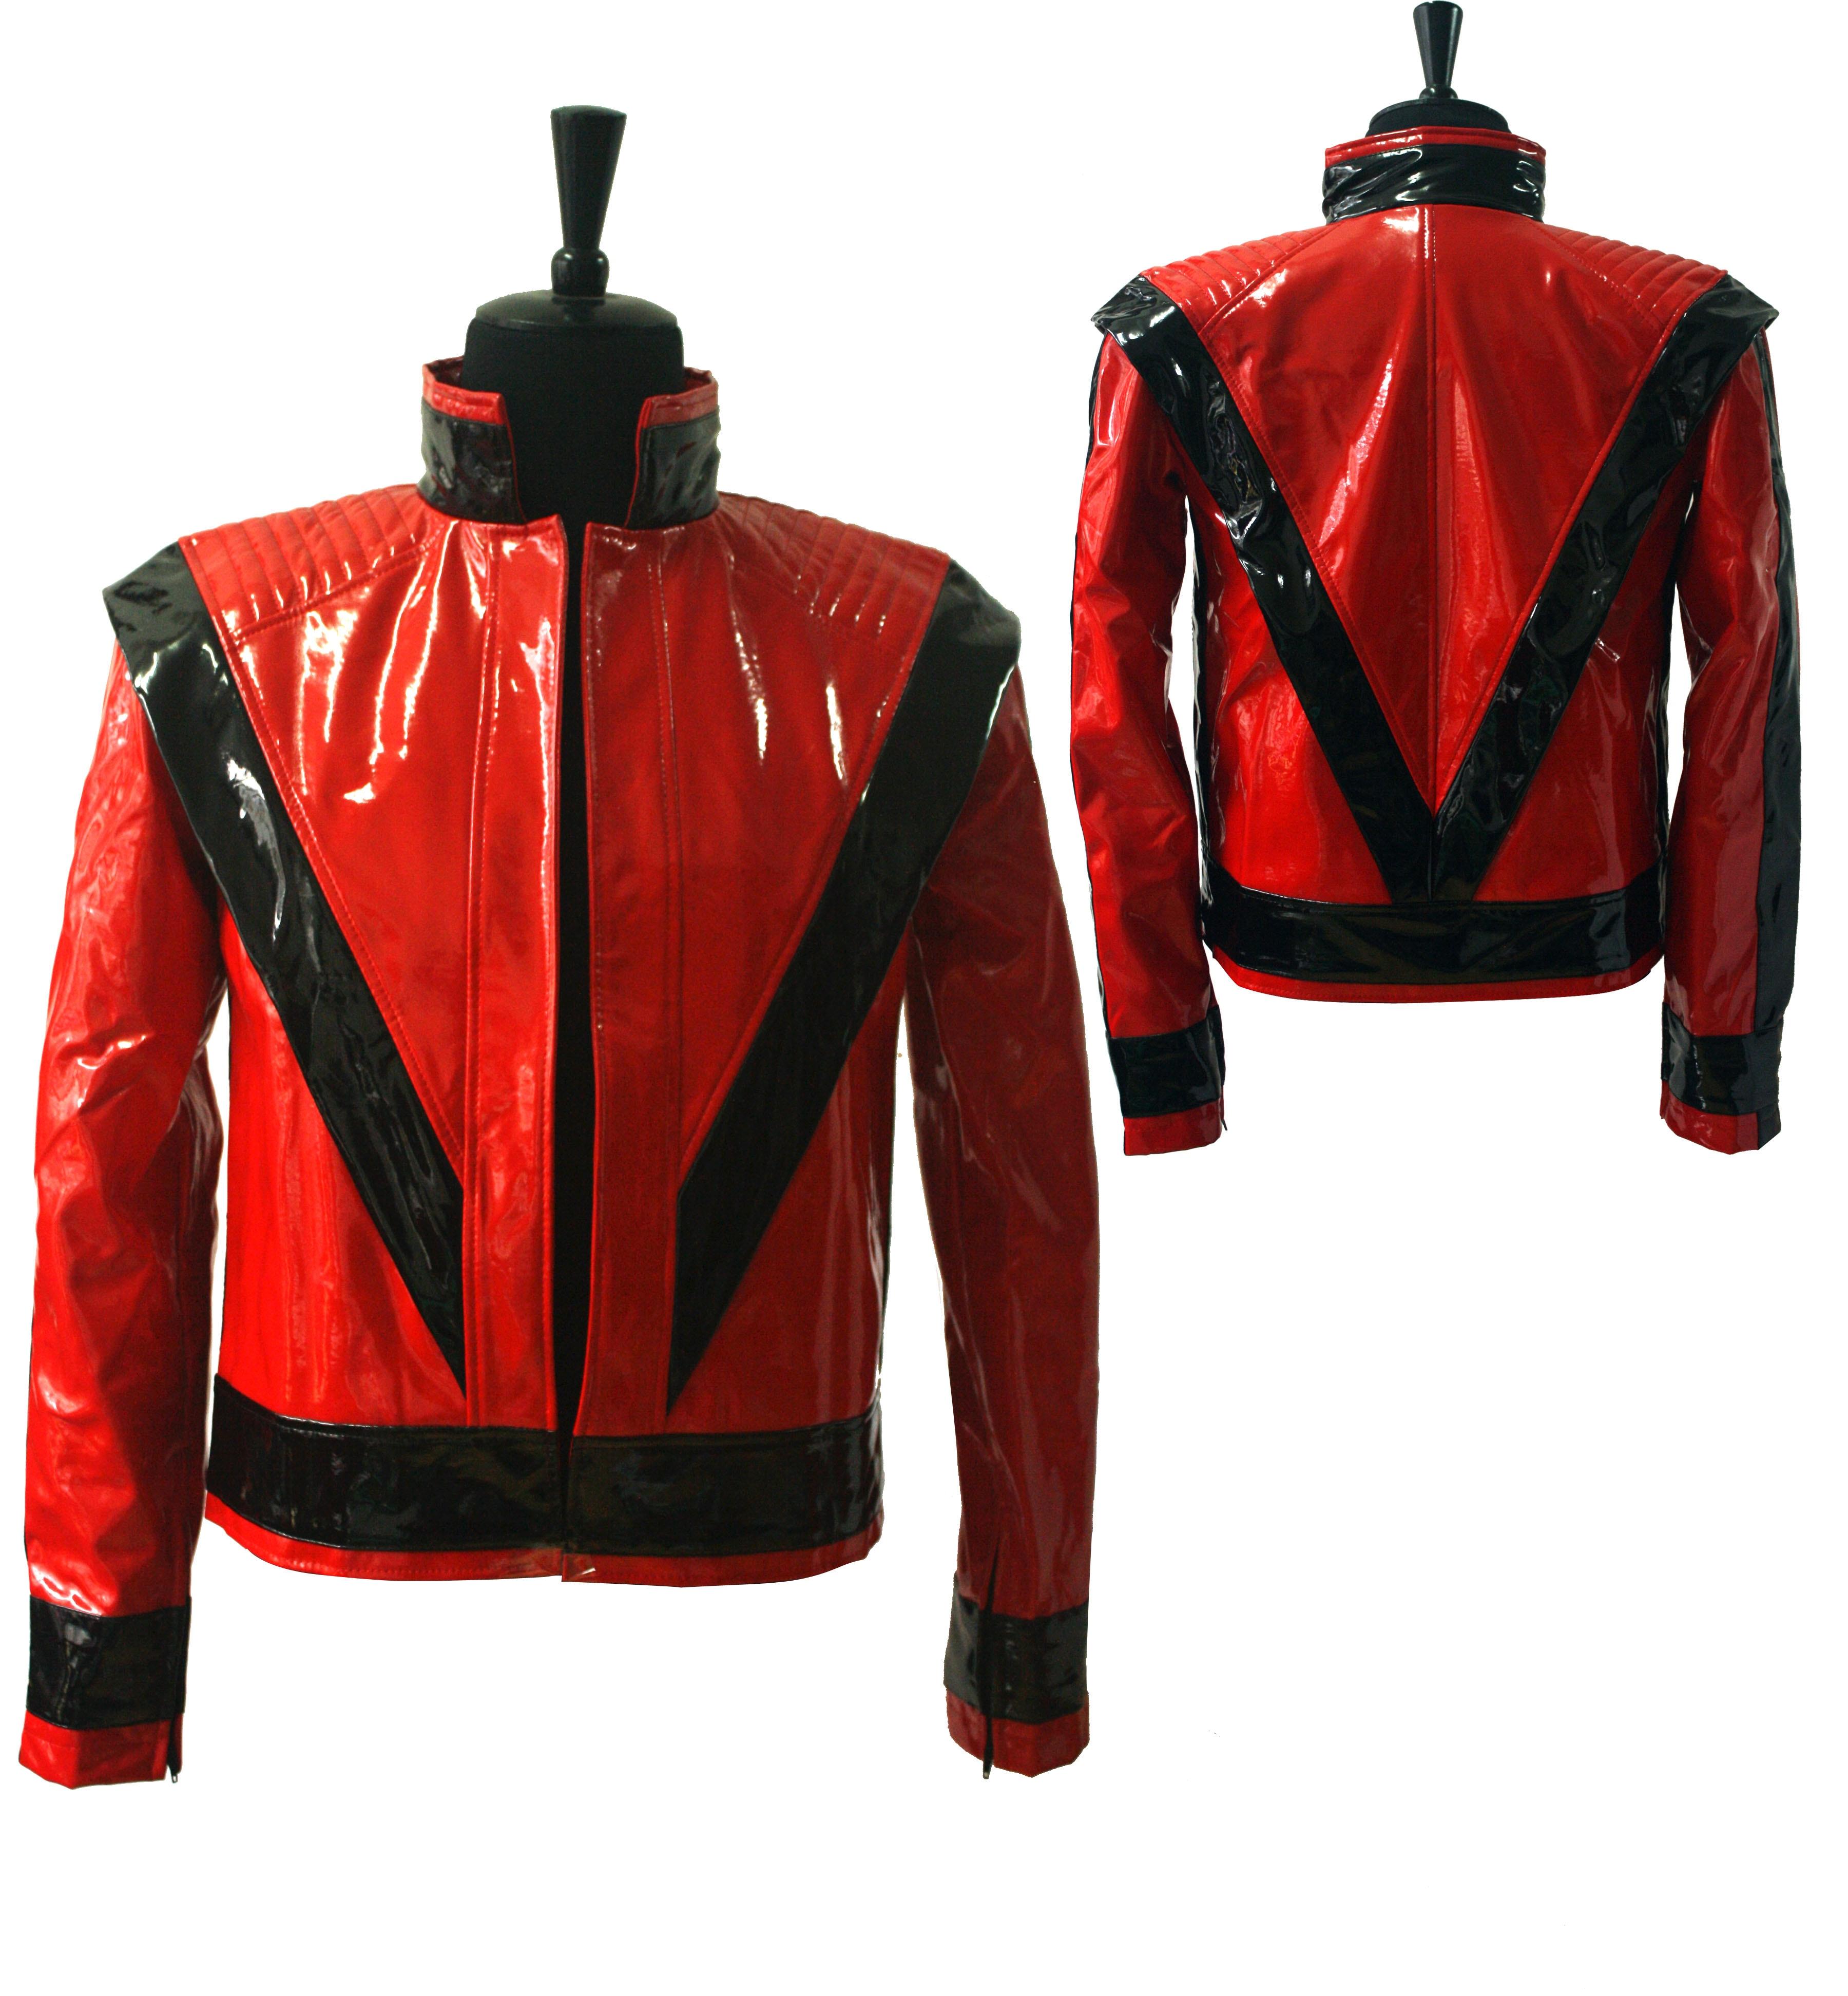 Raro MJ Michael Jackson, piel sintética roja, chaqueta Thriller, prendas de vestir PUNK ajustadas, Estilo de motocicleta